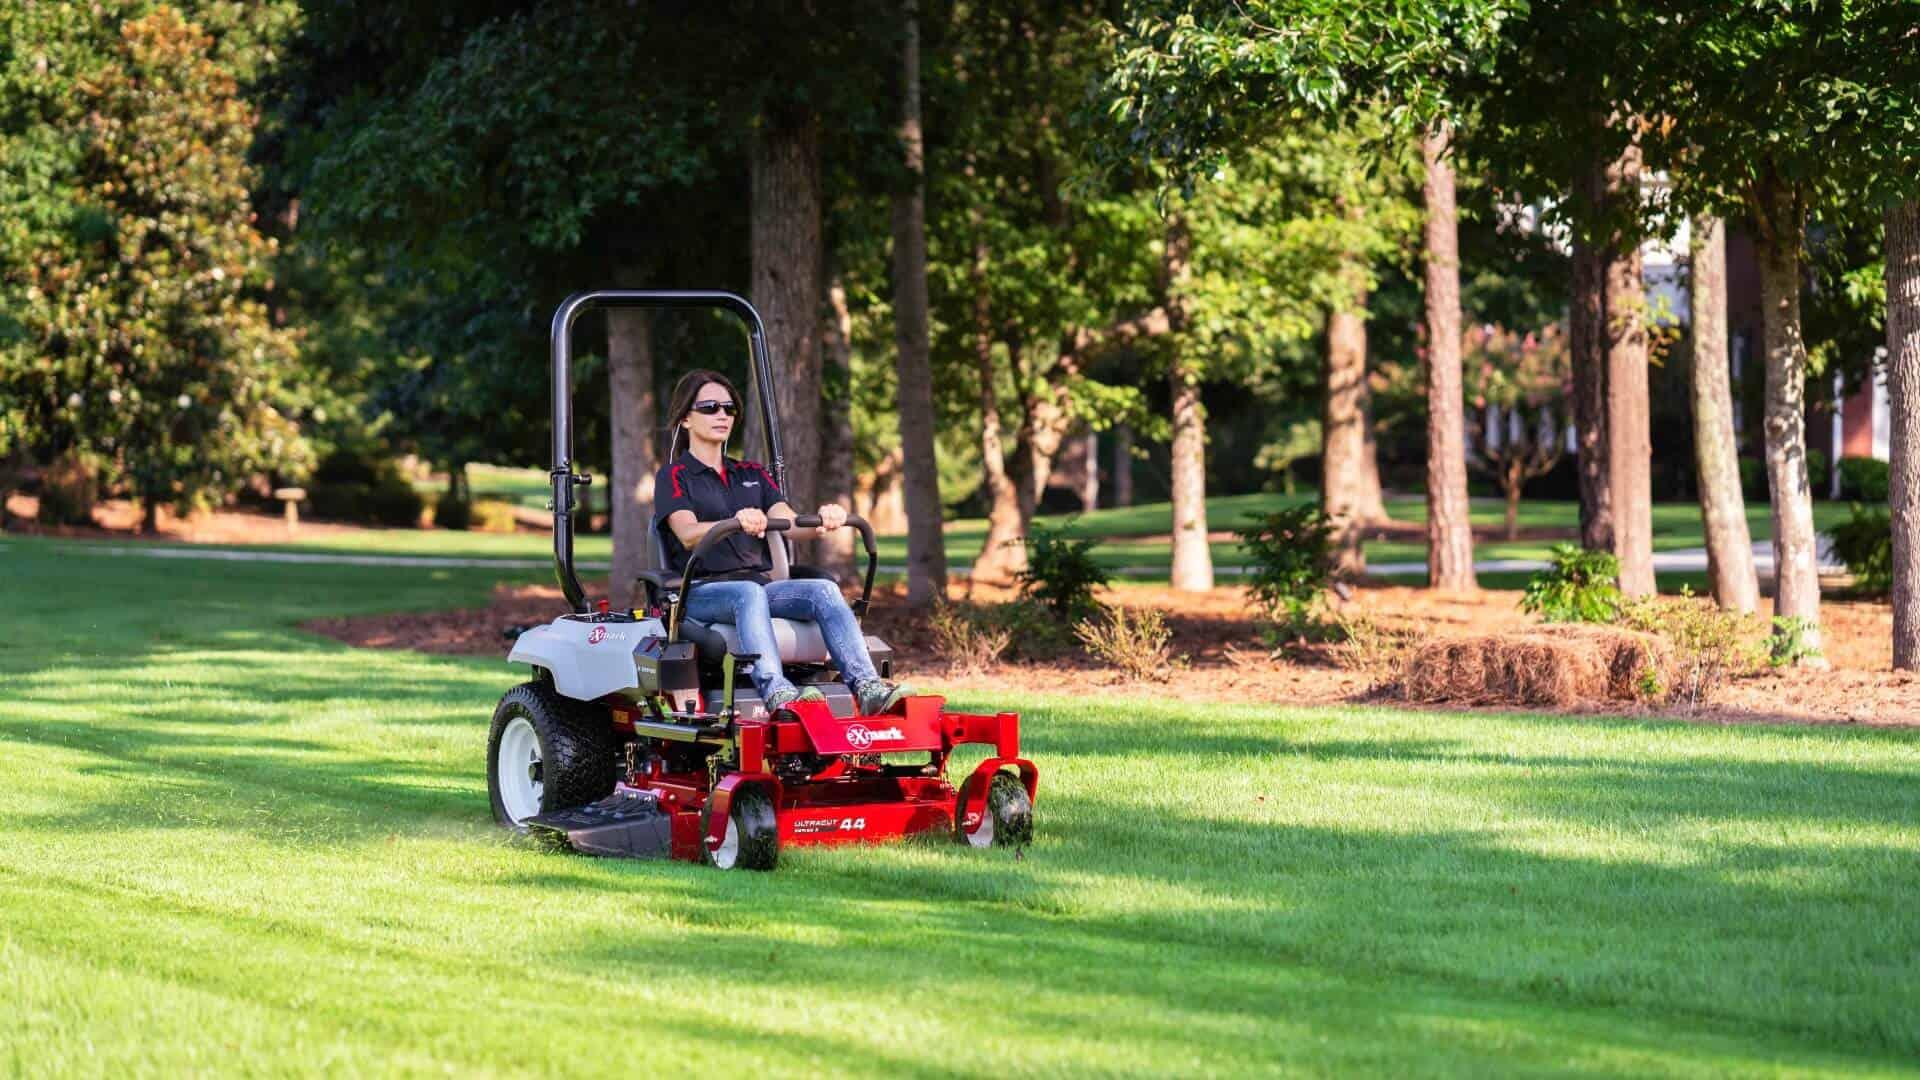 Mowing lawn around landscape